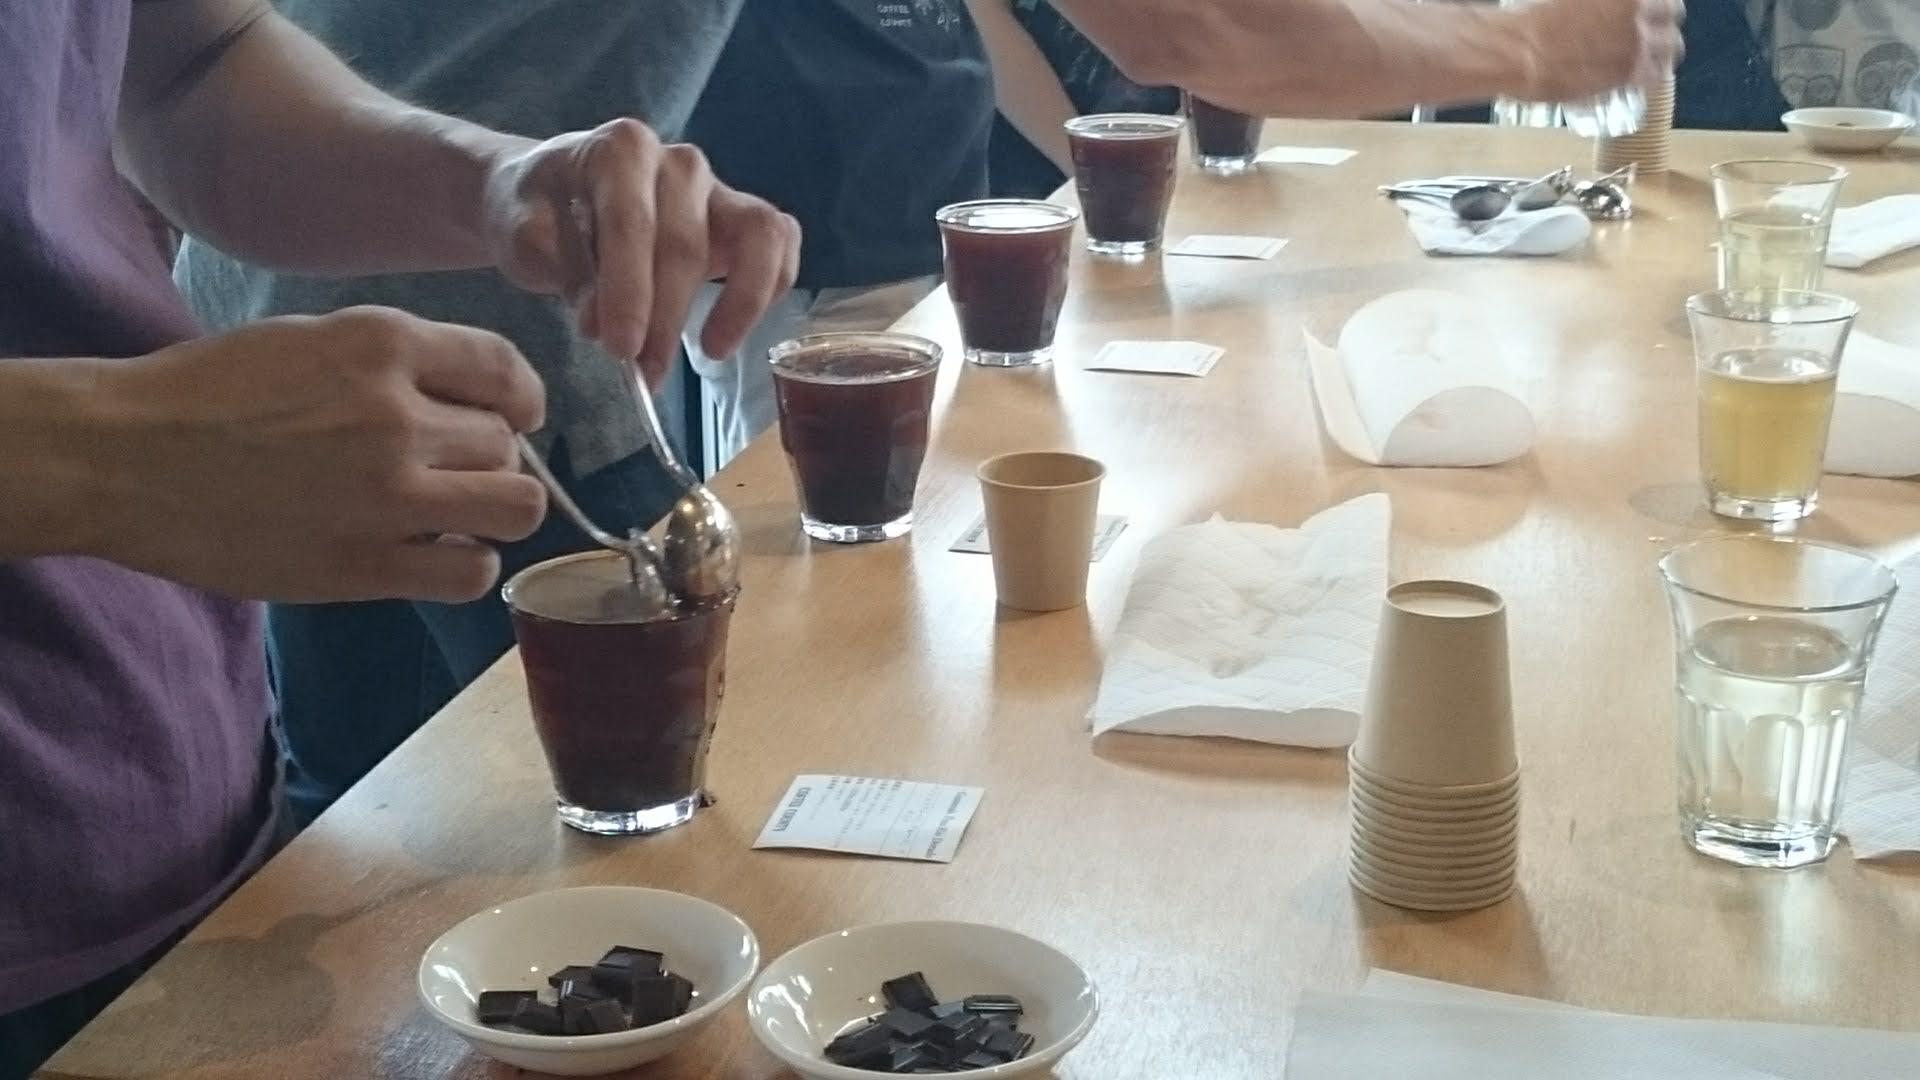 カッピング用コーヒーにお湯が注がれ上澄みと取る様子